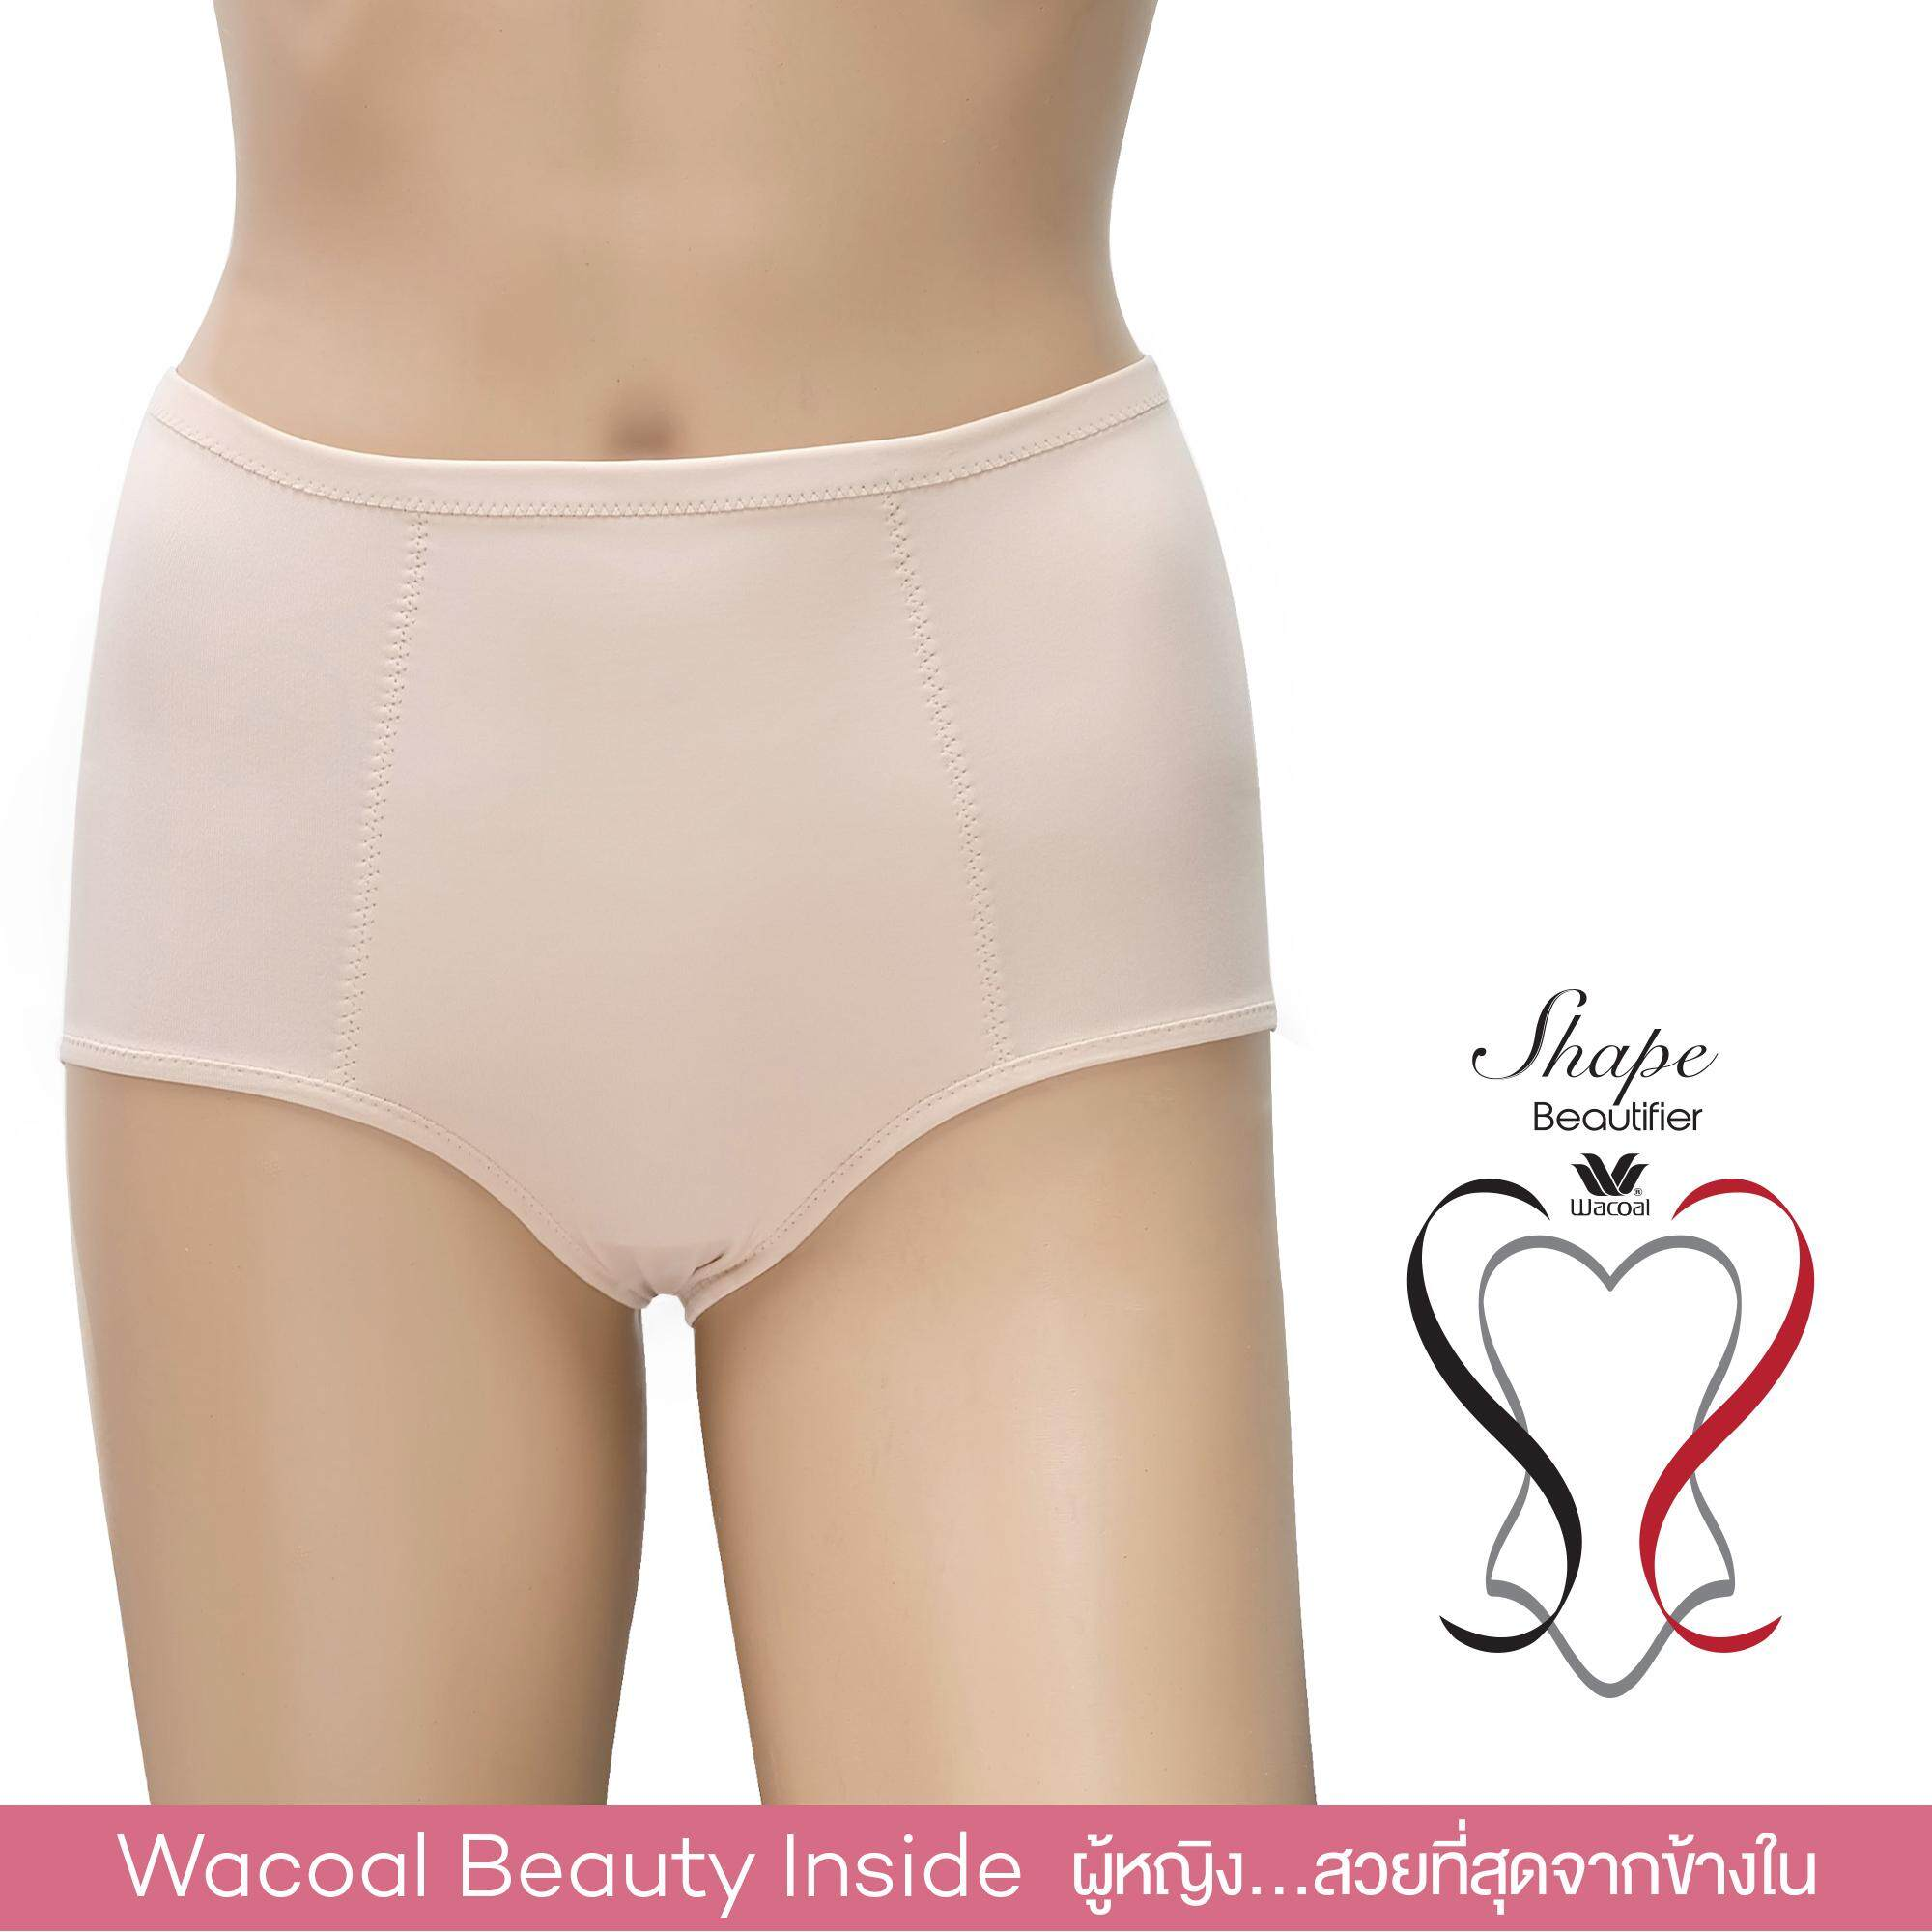 Wacoal Shape Beautifier Pants กางเกงเก็บกระชับ - WY9105